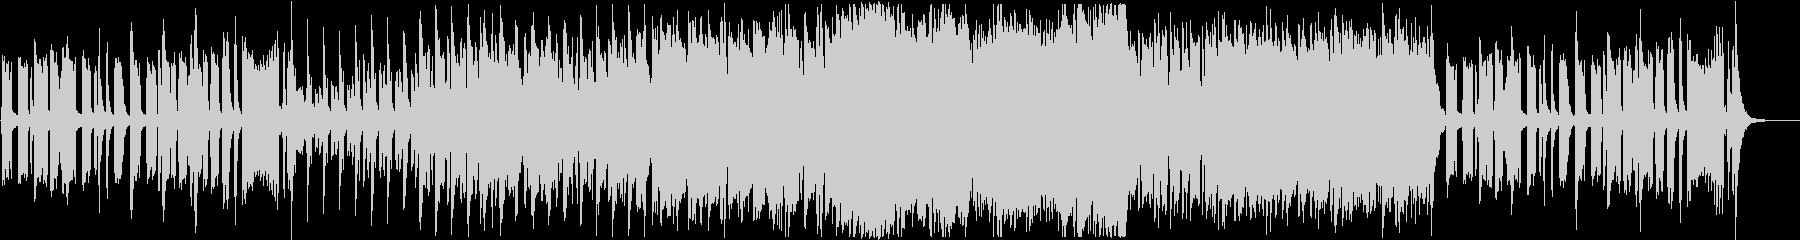 迷子感のあるコミカルなBGMの未再生の波形